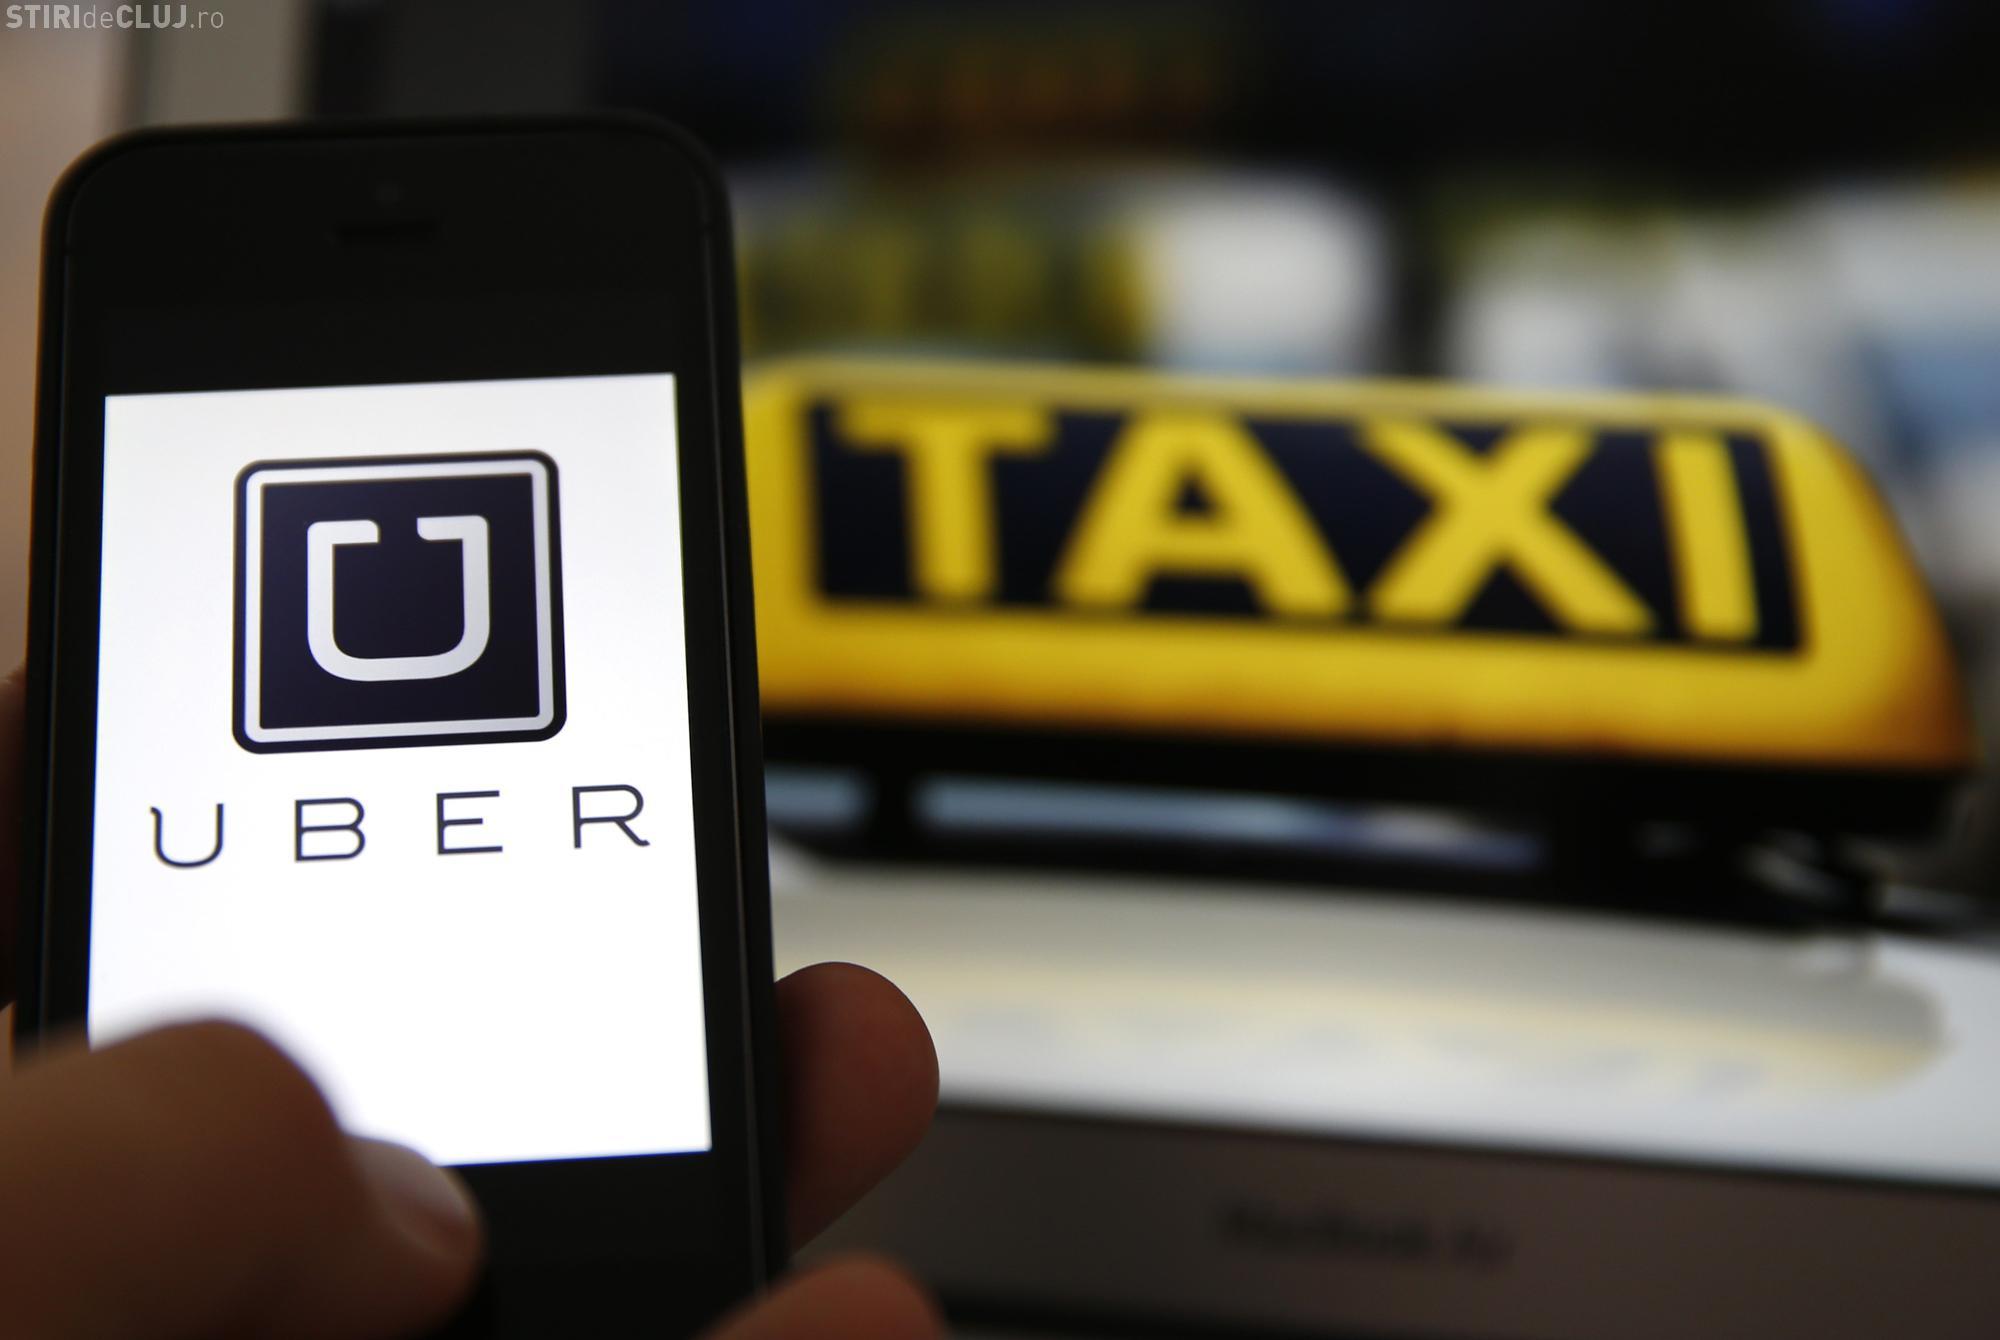 Uber nu mai are voie să lucreze în Cluj-Napoca, a decis Tribunalul Specializat Cluj / UBER atacă decizia